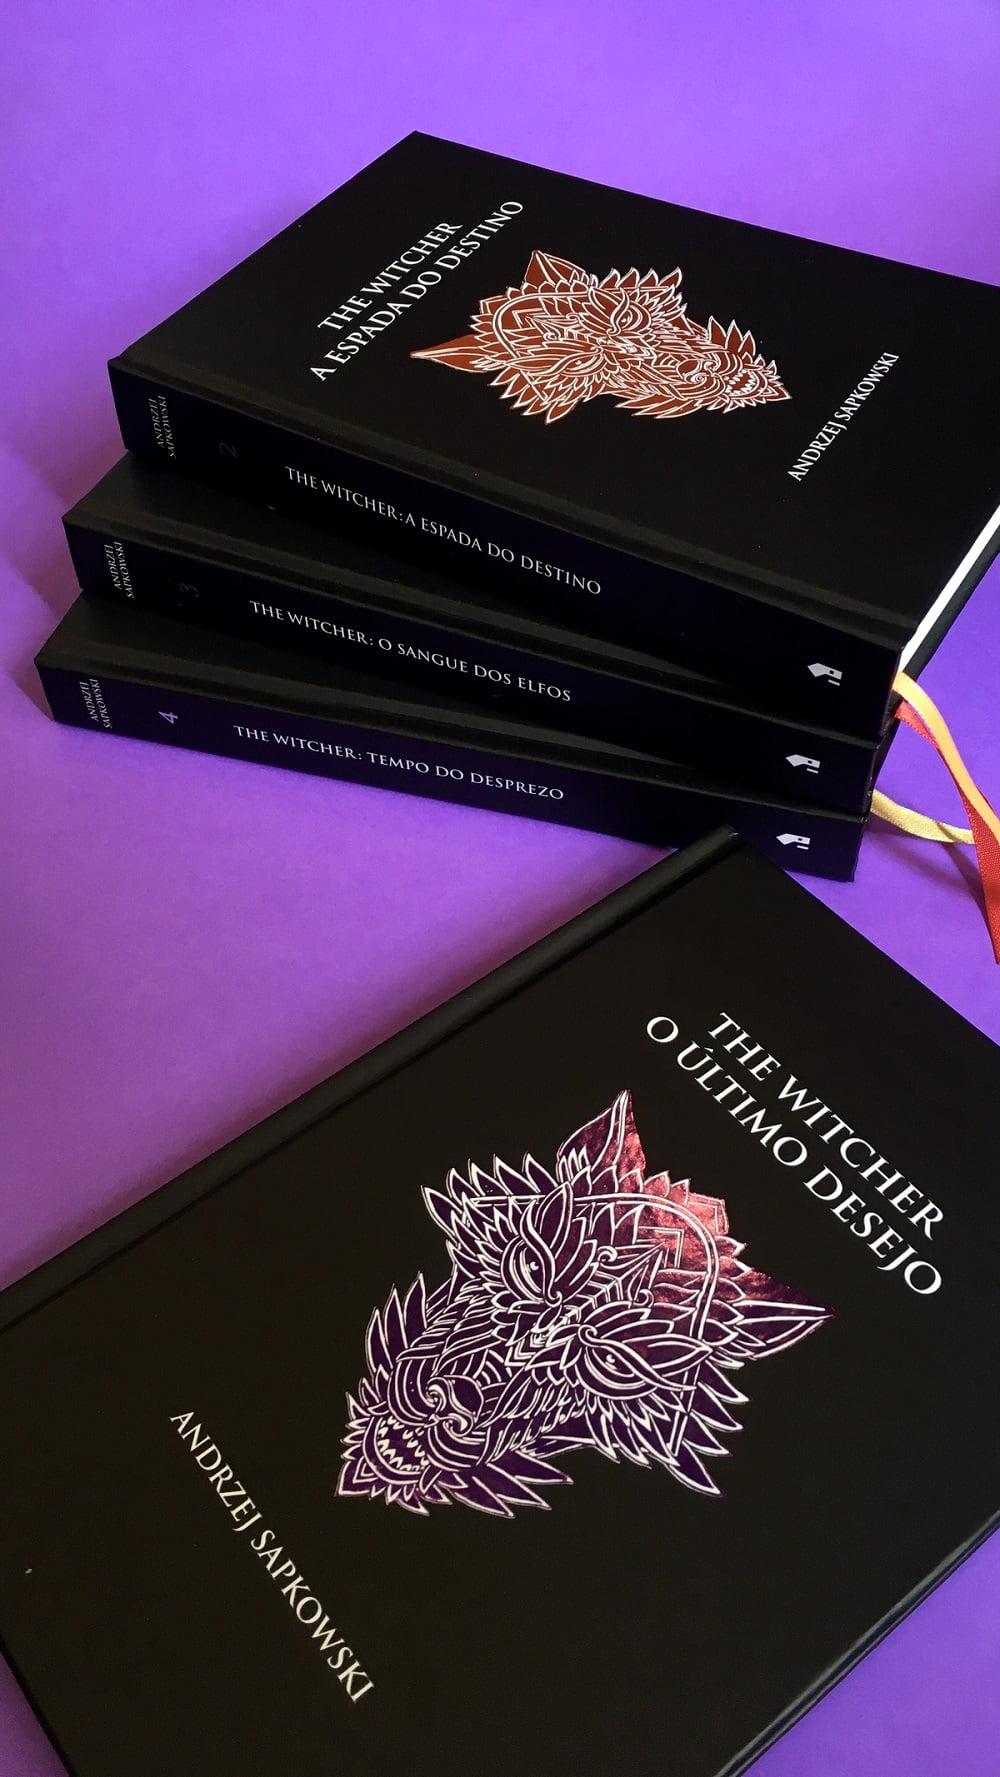 Livros de The Witcher são relançados no Brasil em capas especiais 8